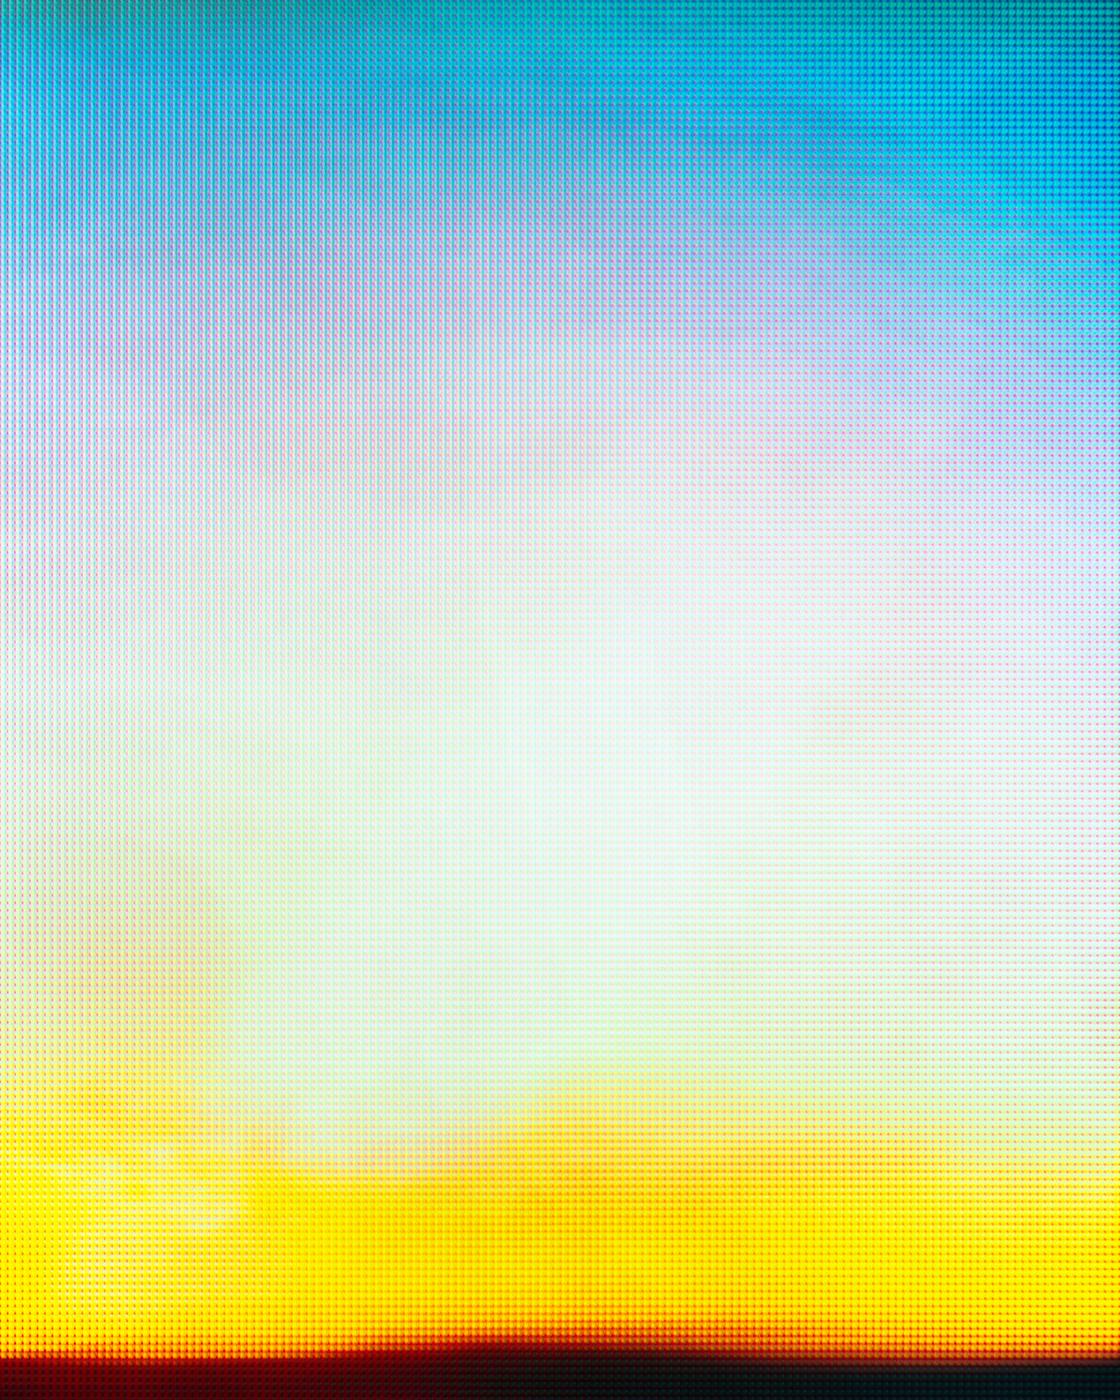 sg_sunrise_41.jpg